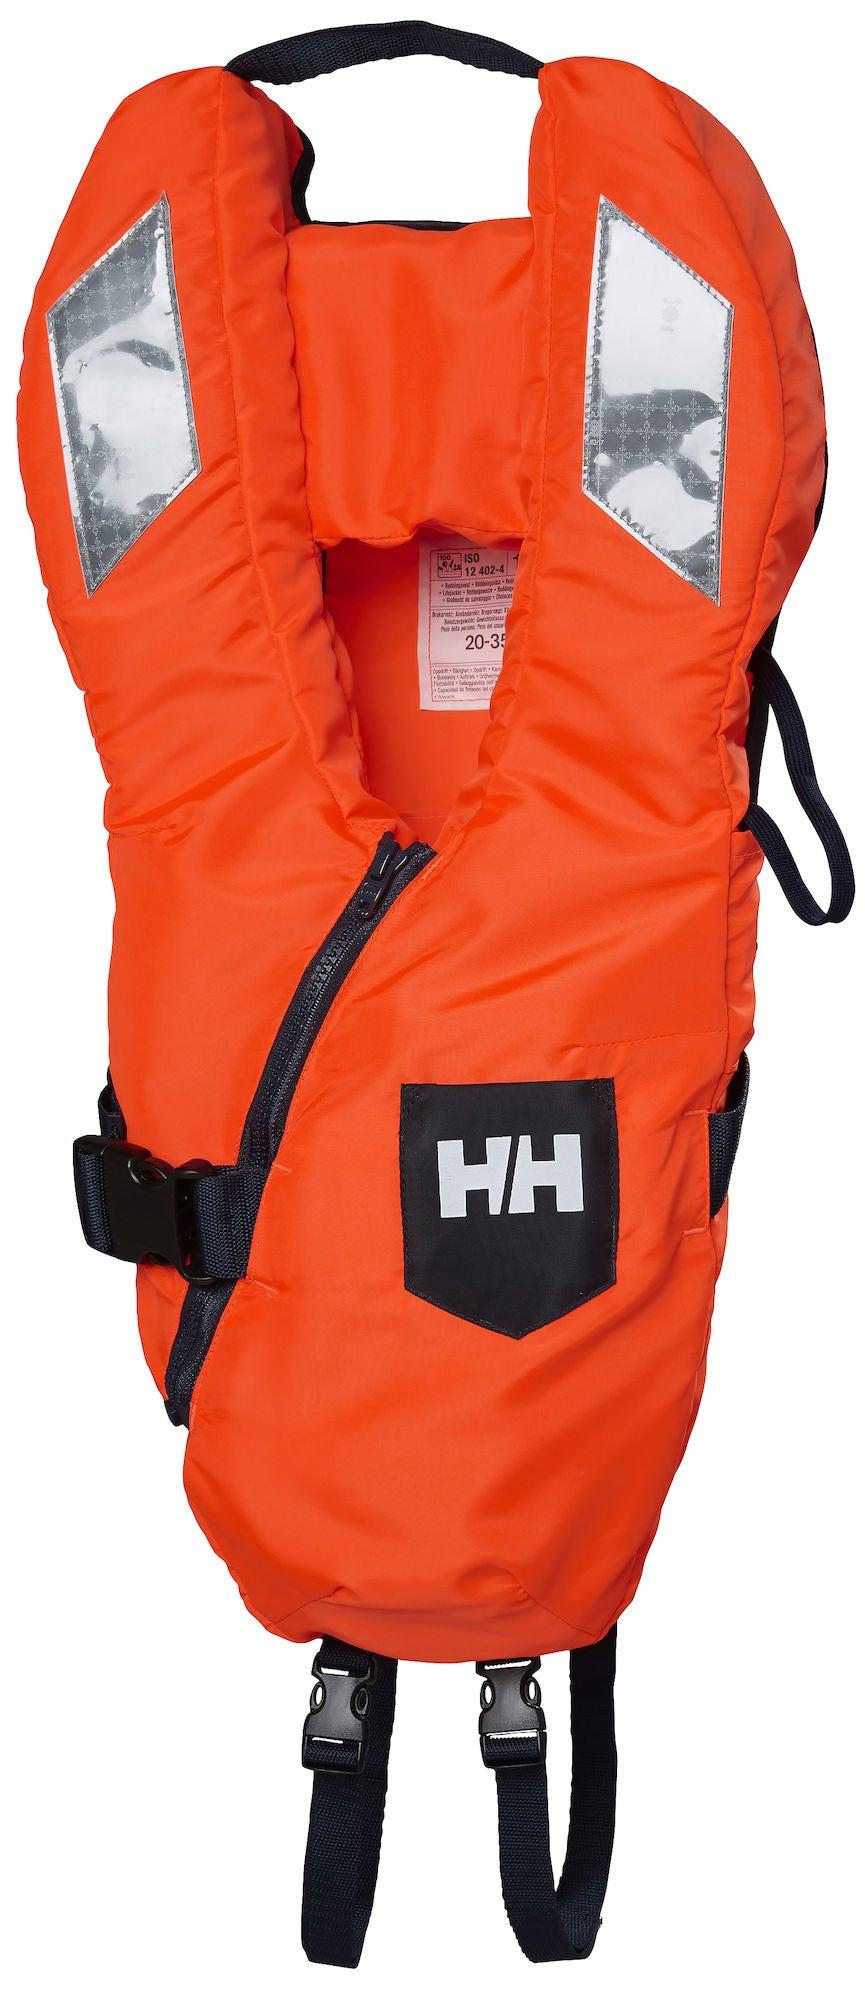 Helly Hansen Flytväst JR Safe+ 20-35 kg